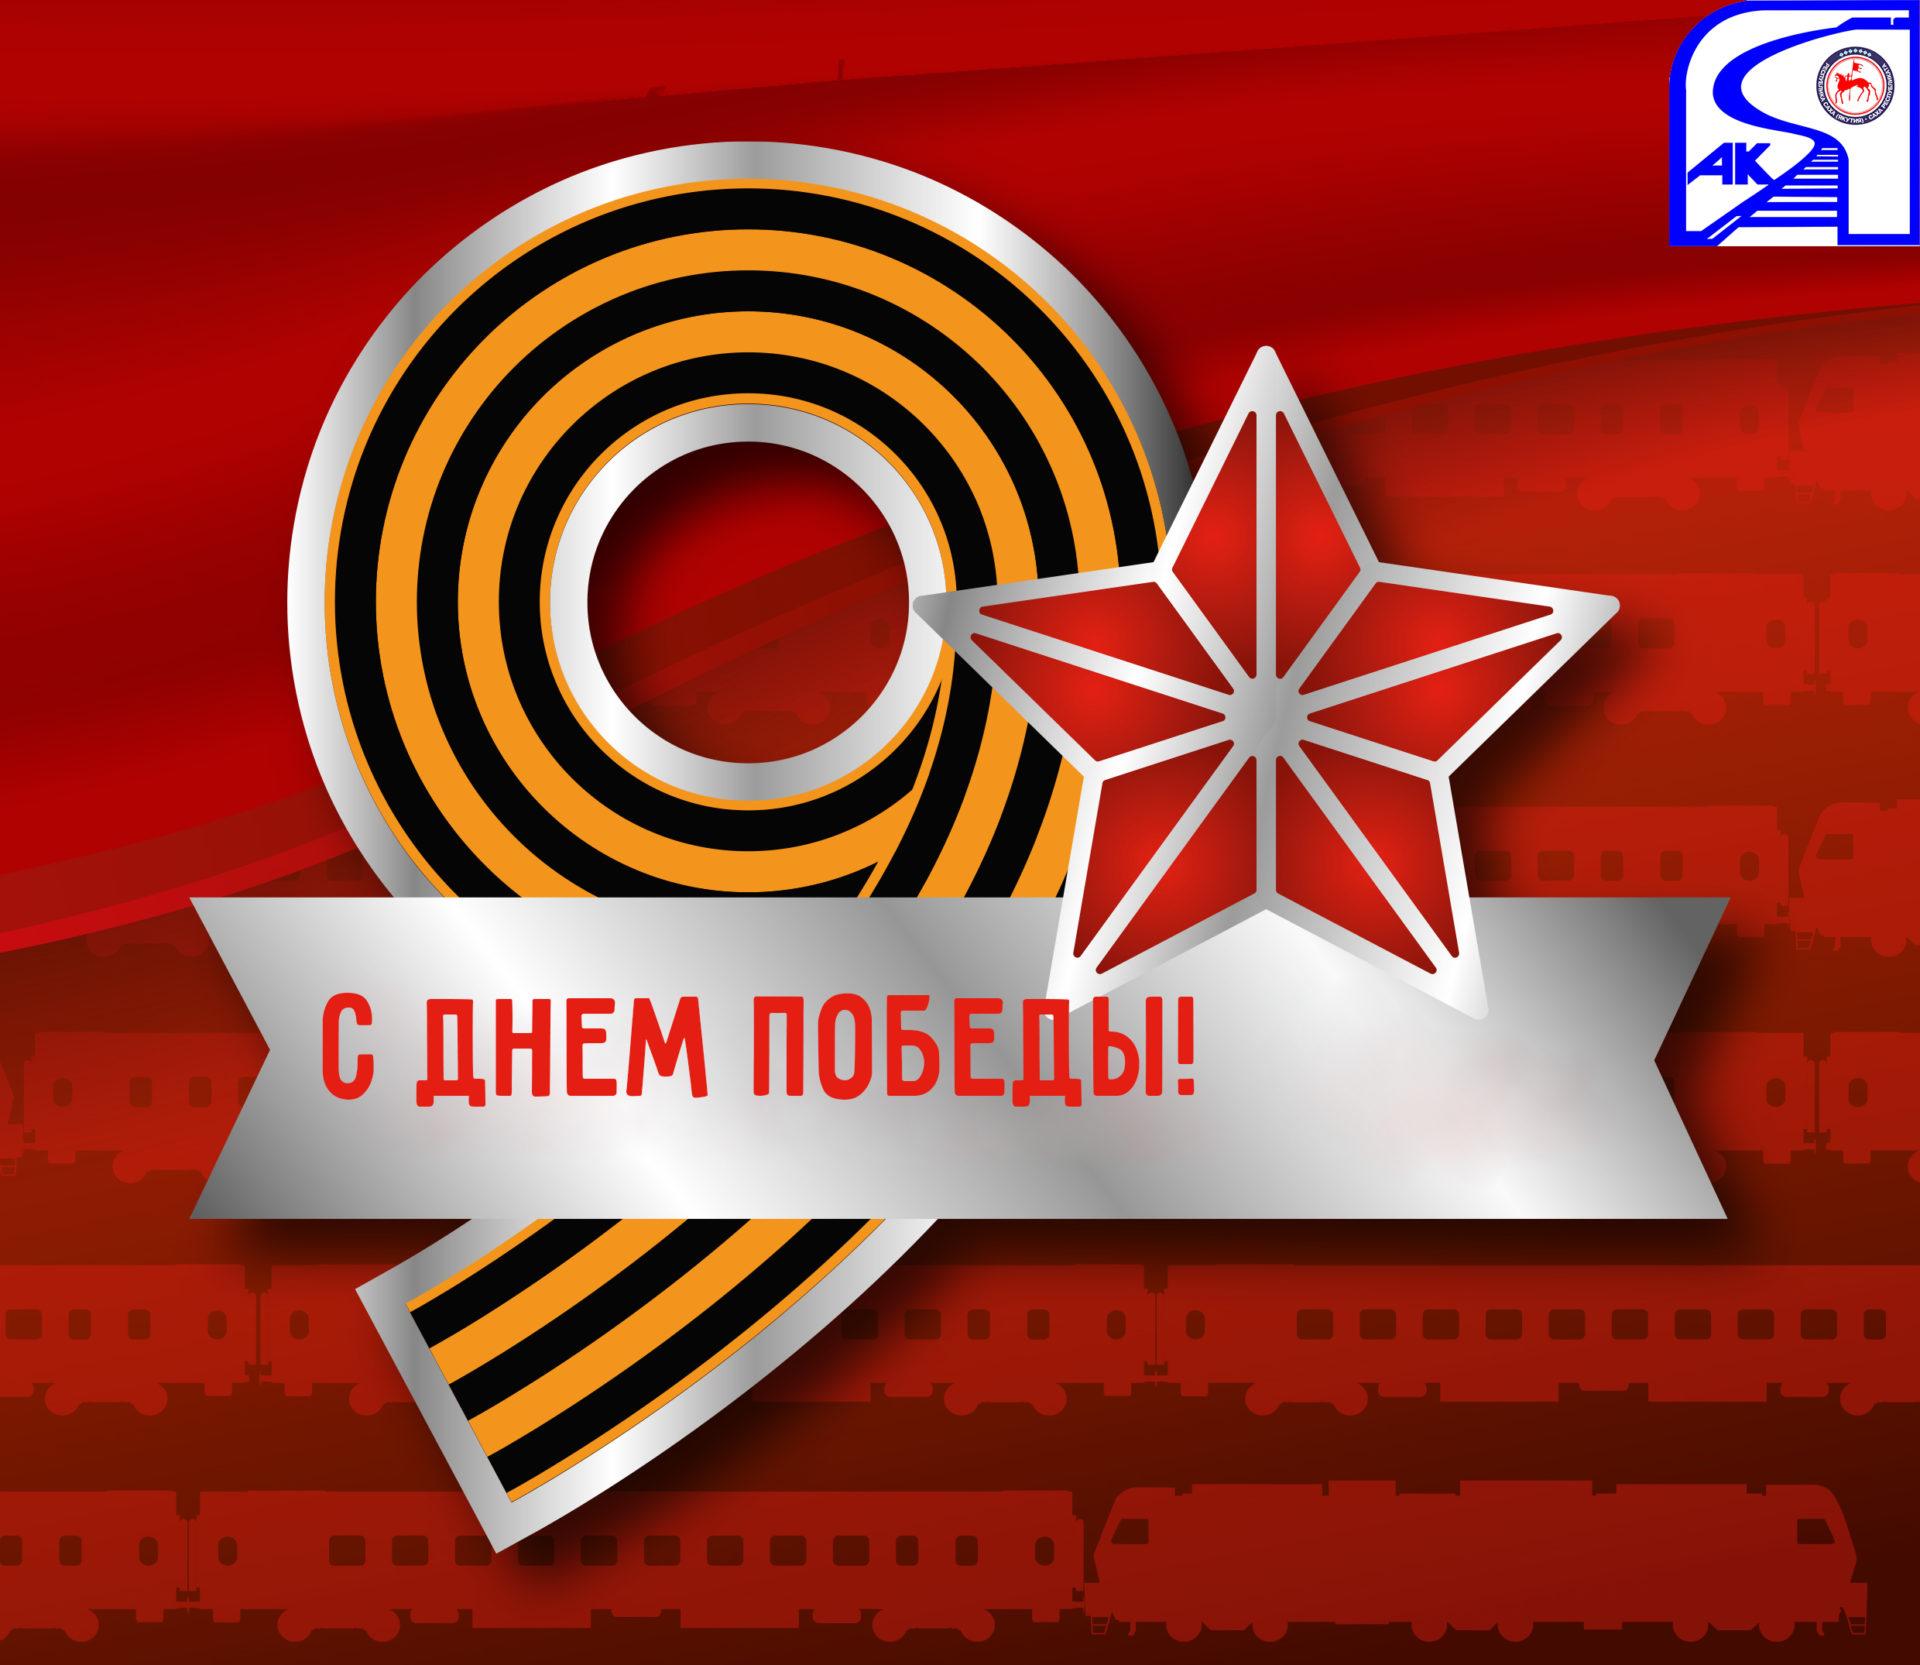 Василий Шимохин: Это день славы, воинской доблести и единства советского народа